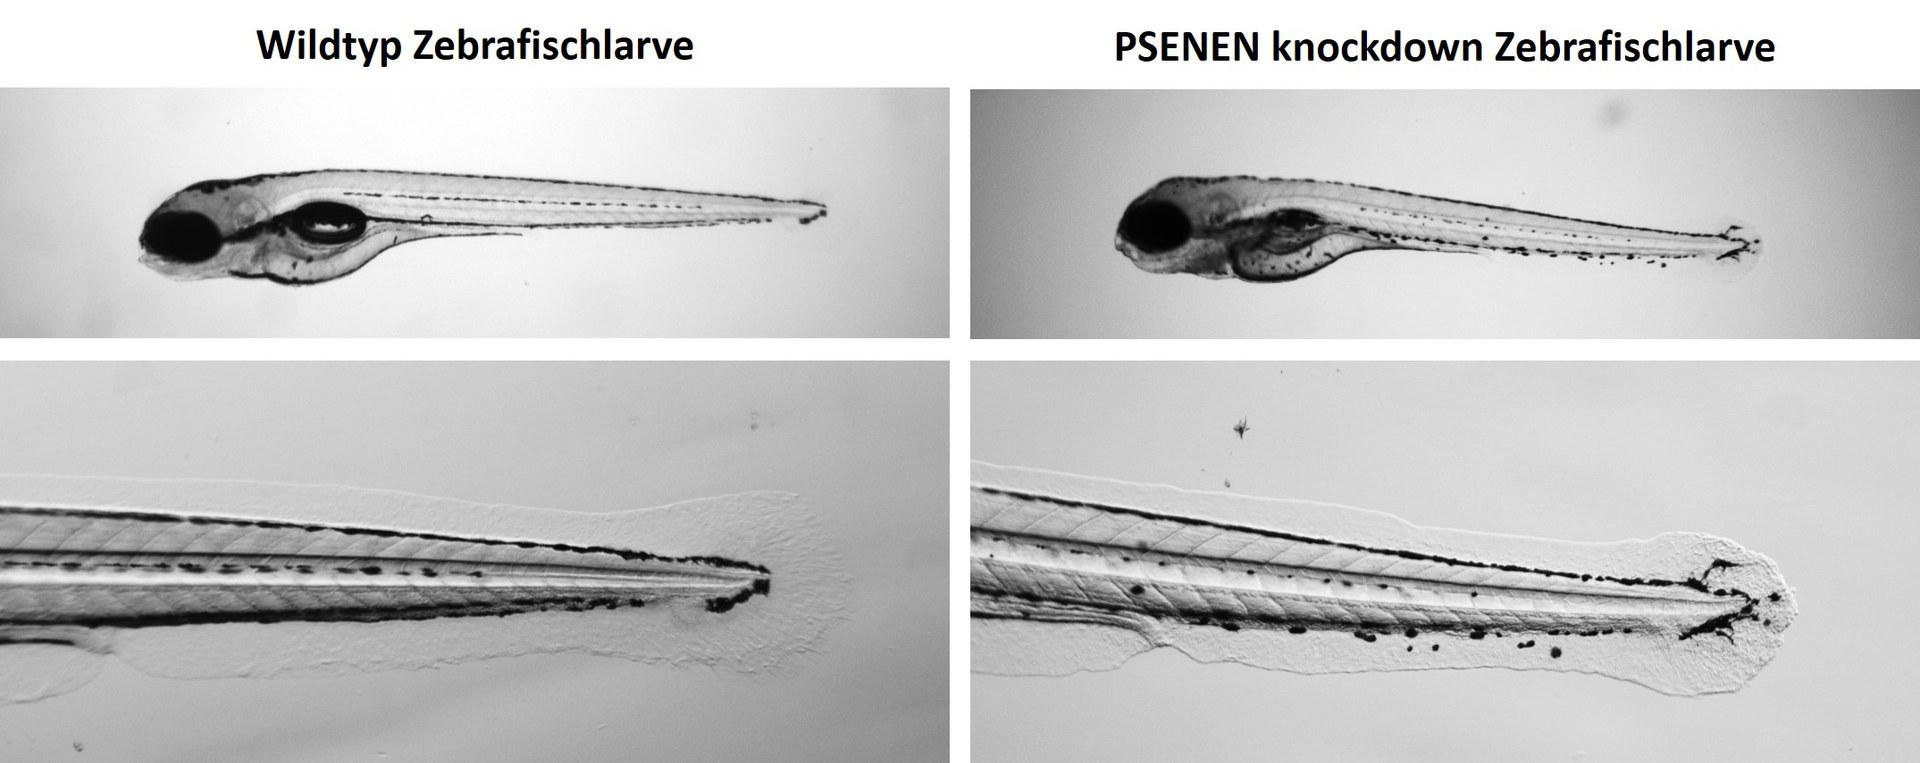 Mikroskopieaufnahme einer Zebrafisch-Larve: